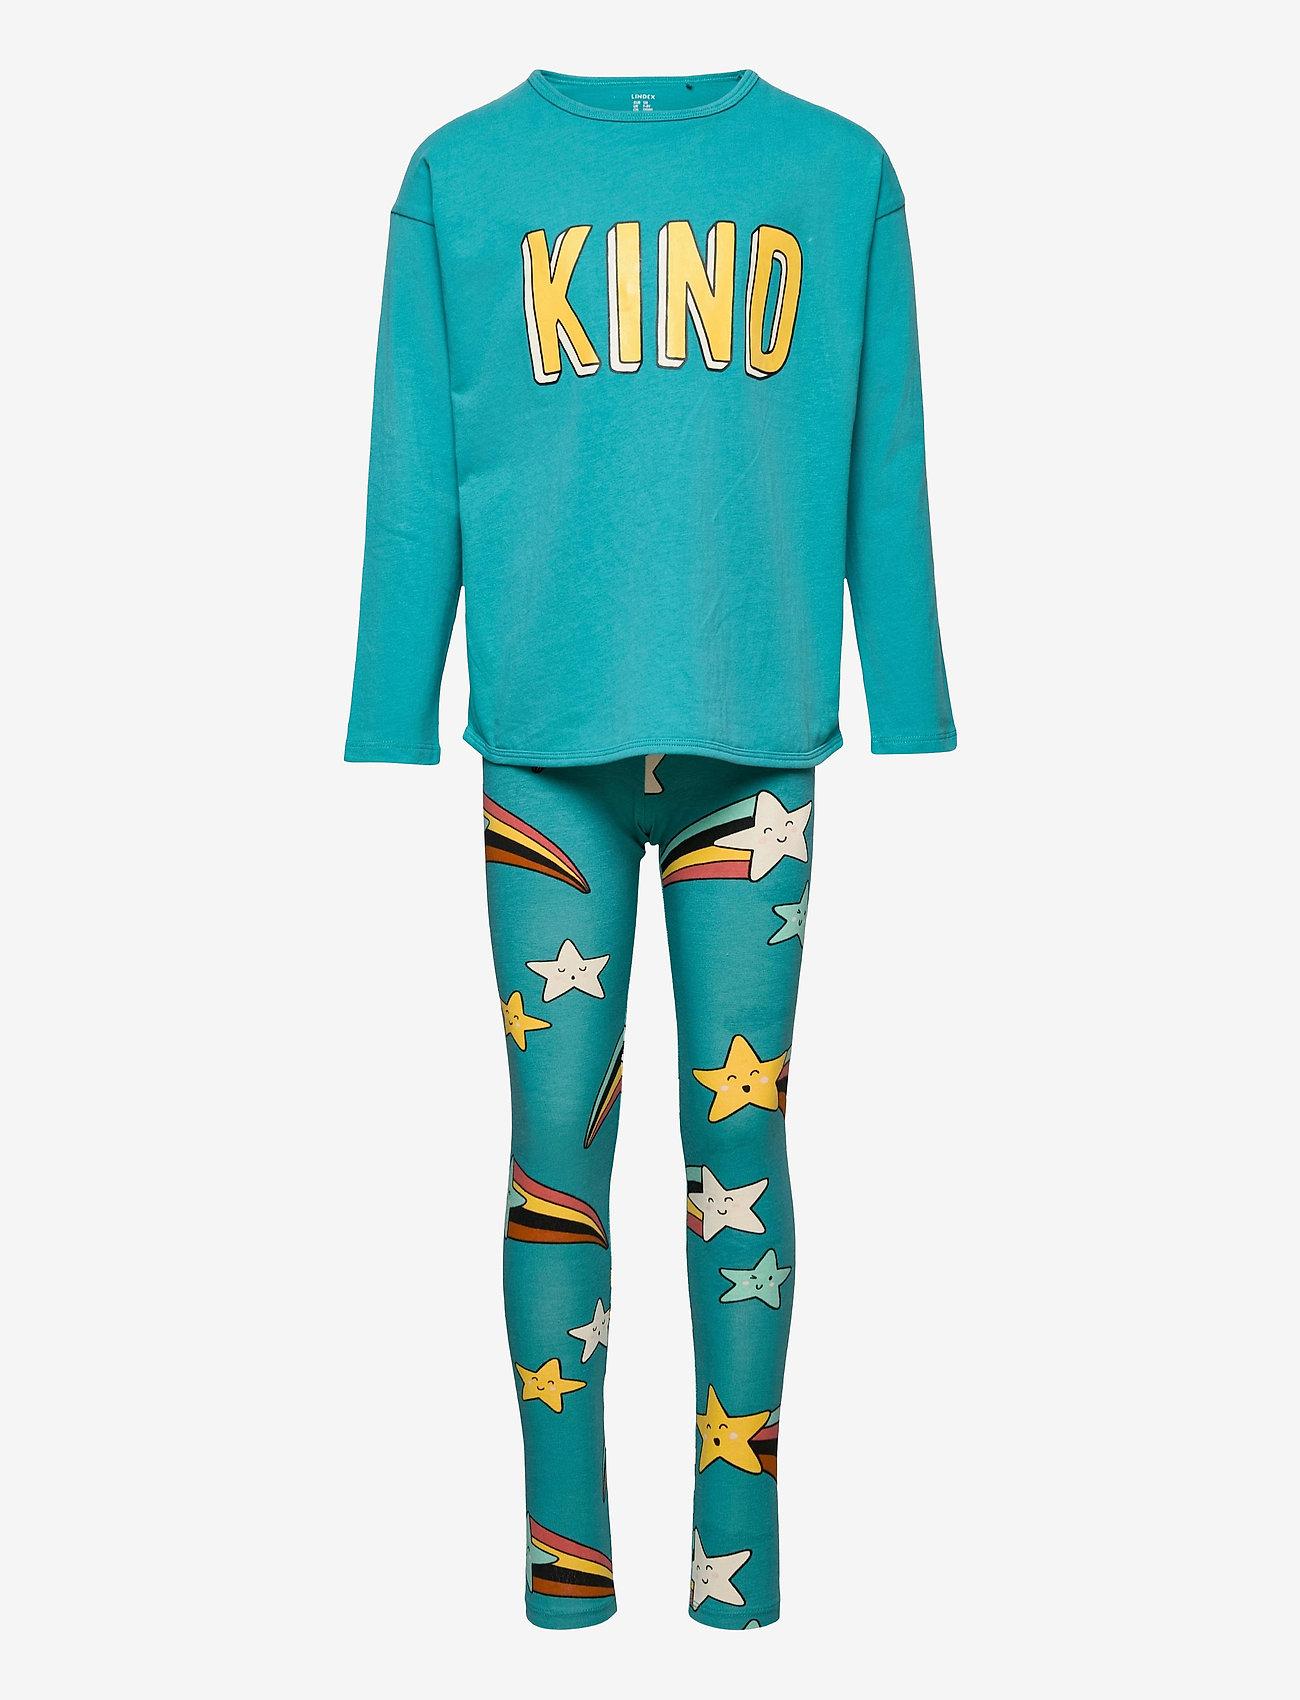 Lindex - Top   leggings SET  KIND - 2-delige sets - turquoise - 0